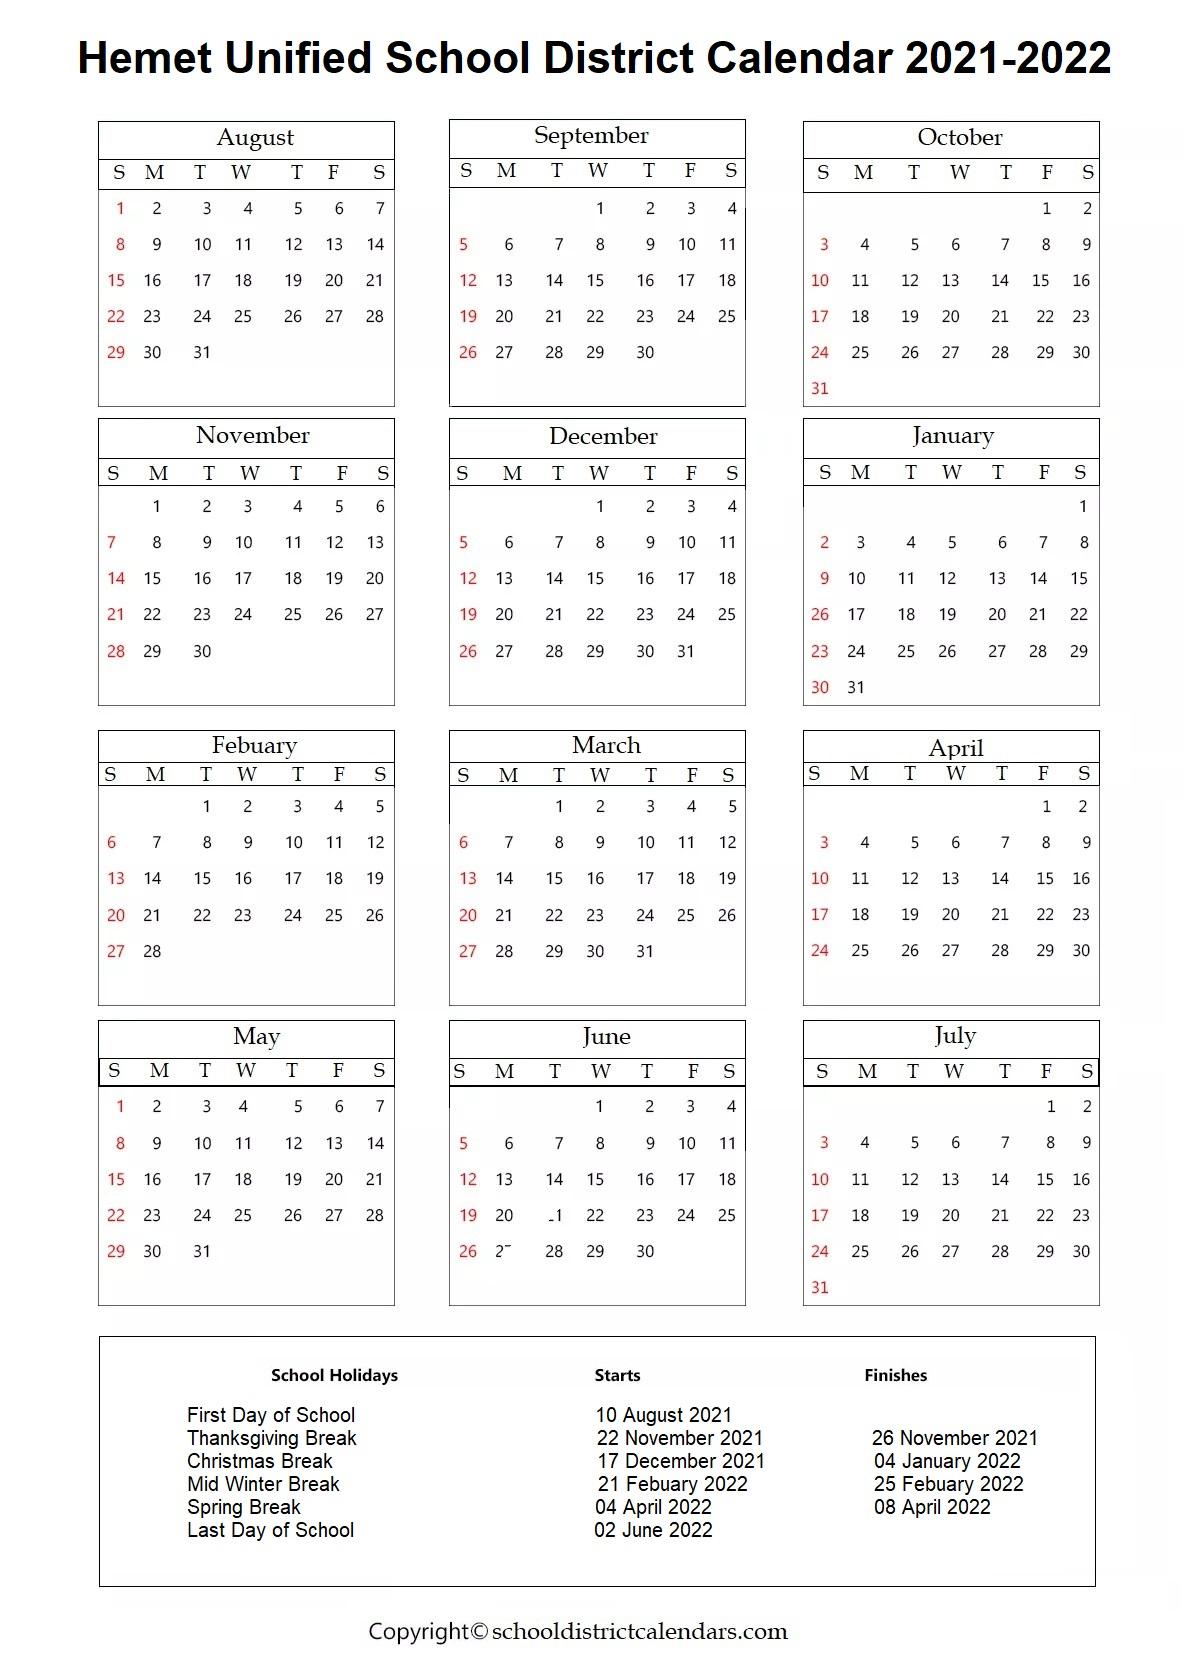 Hemet Unified School District, Hemet Calendar Holidays 2021-2022